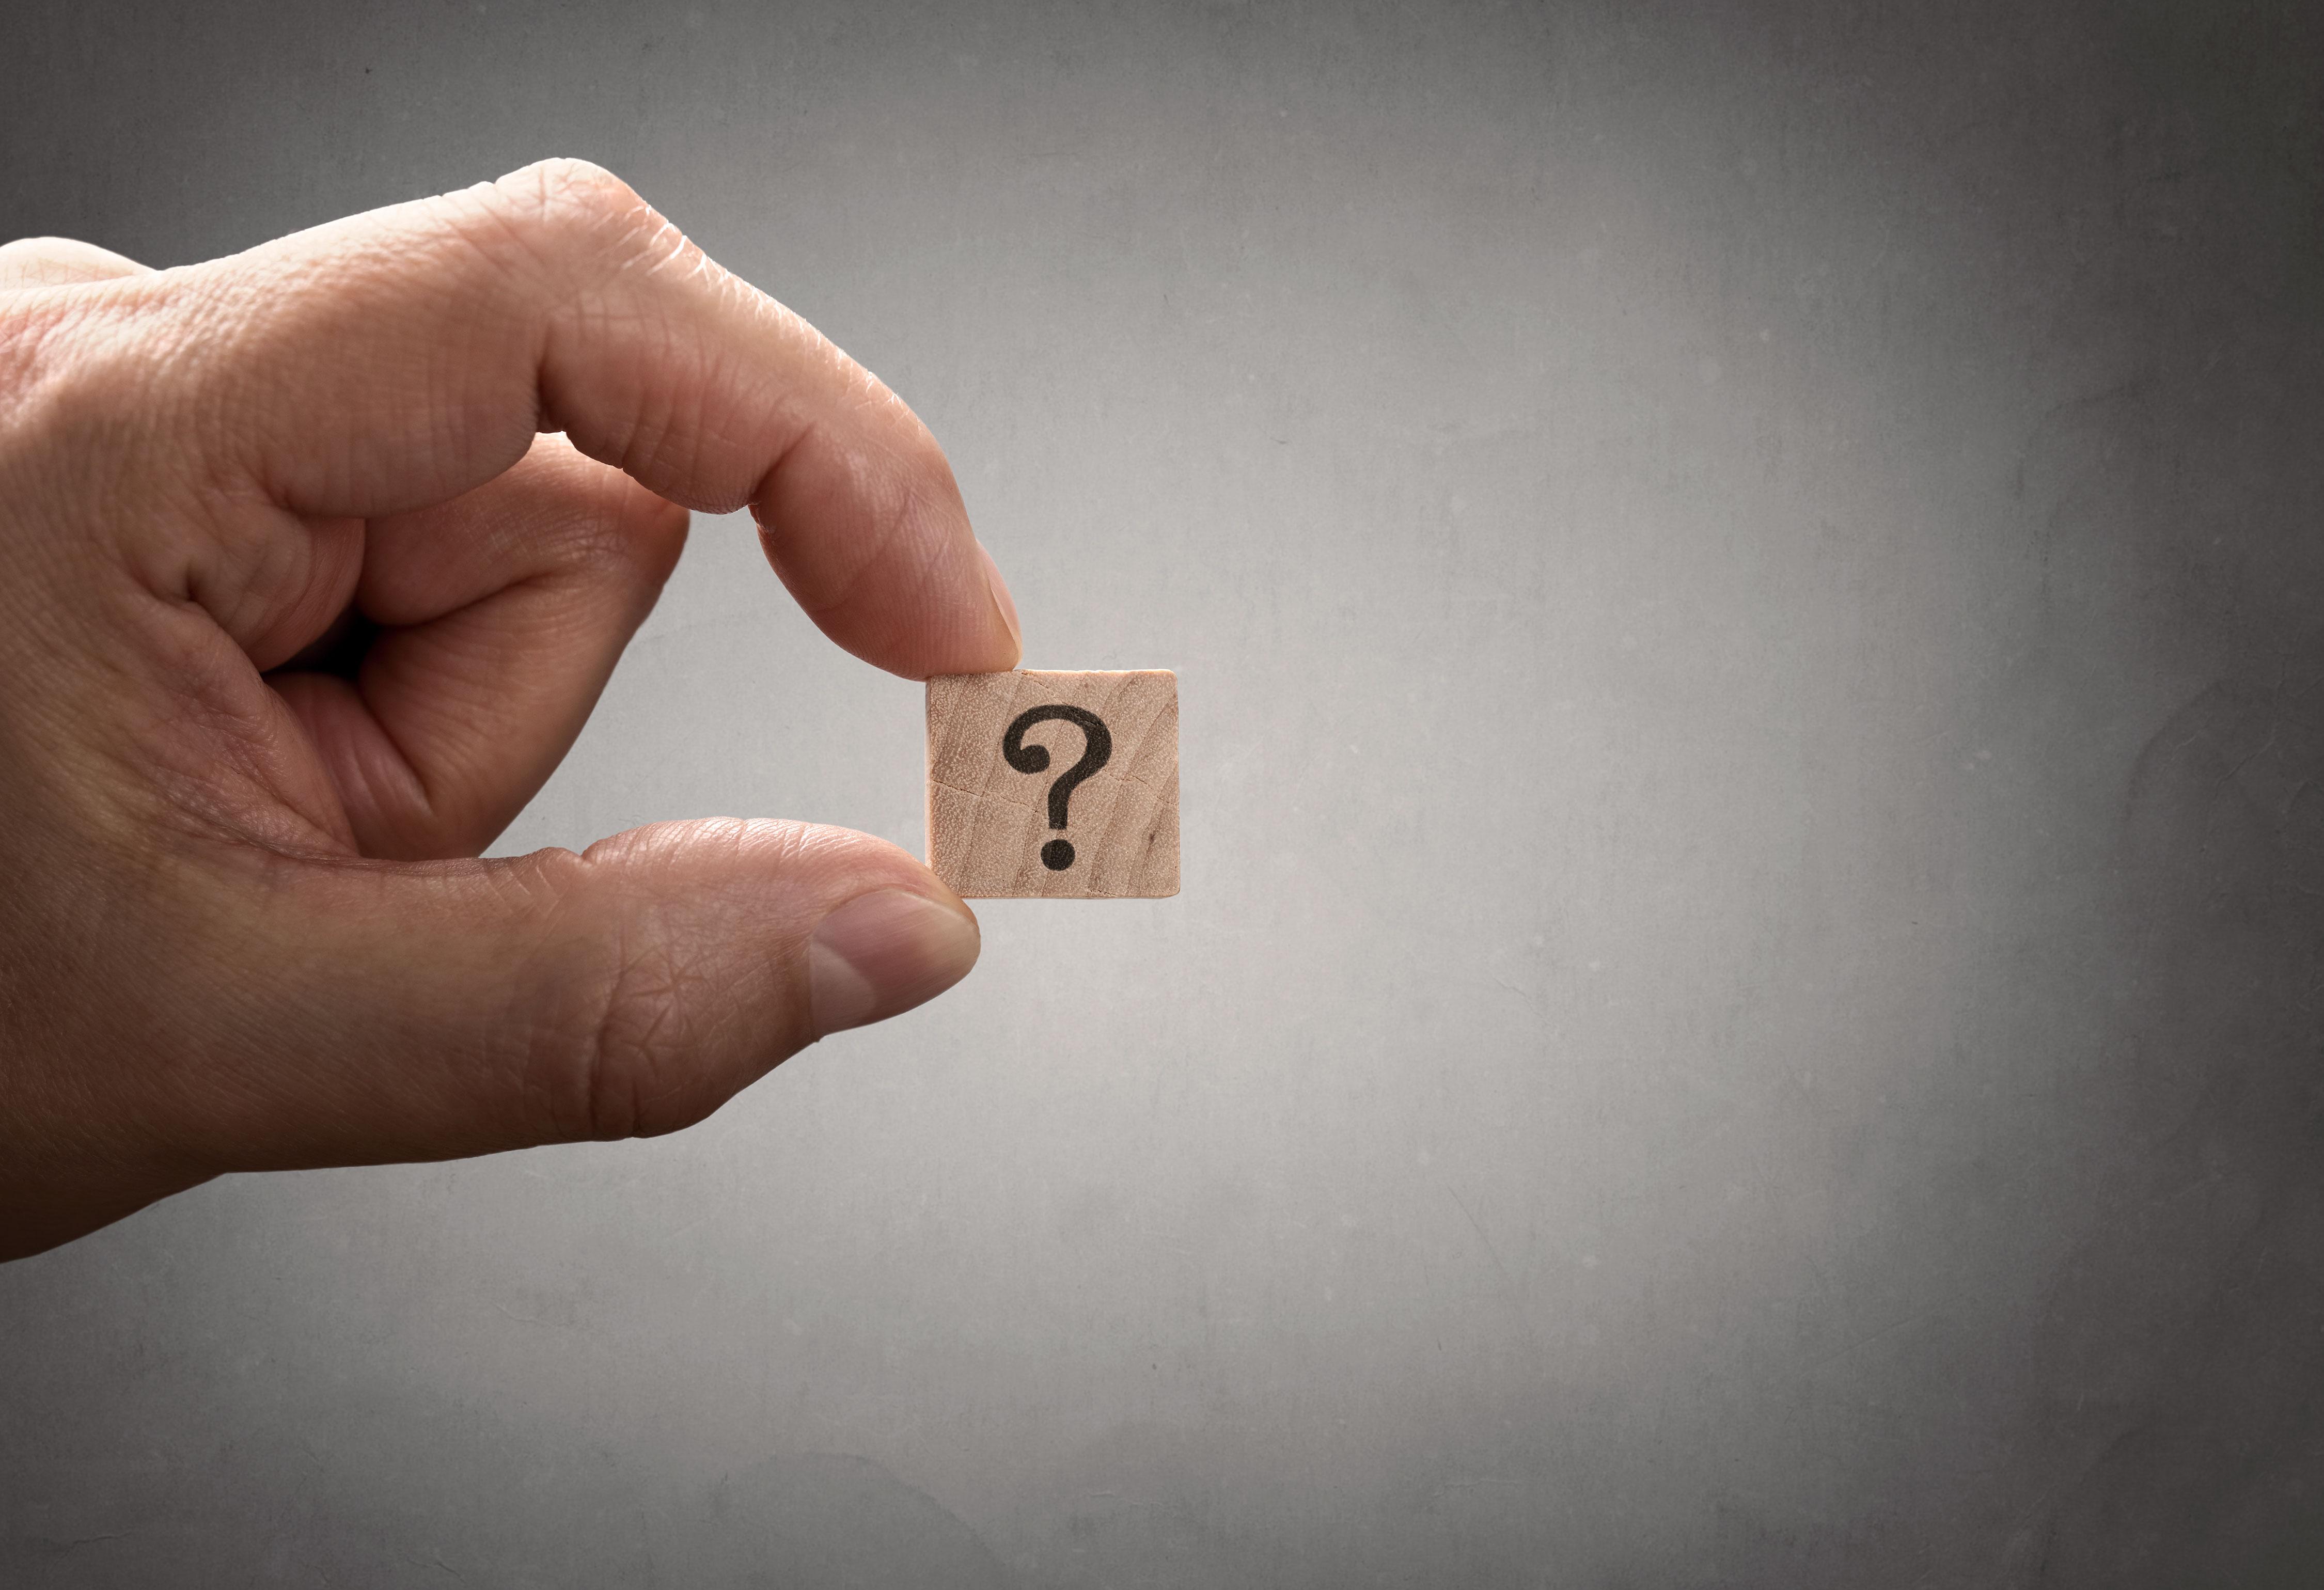 Block mit Fragezeichen zwischen Fingern vor grauem Hintergrund